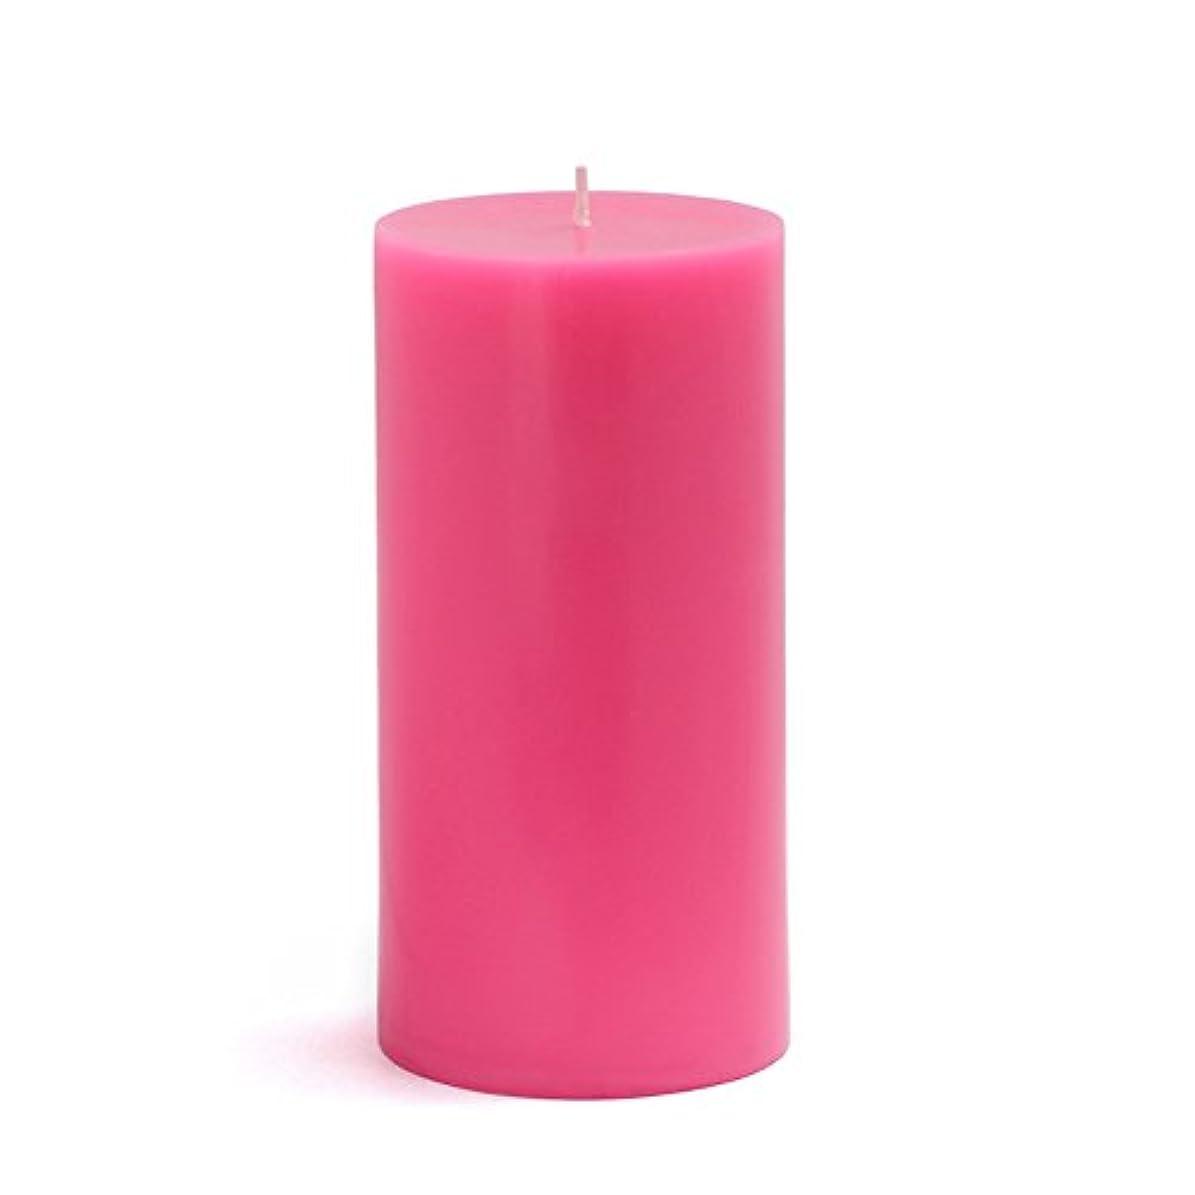 追い出す信頼性の頭の上Zest Candle CPZ-084-12 3 x 6 in. Hot Pink Pillar Candles-12pcs-Case - Bulk